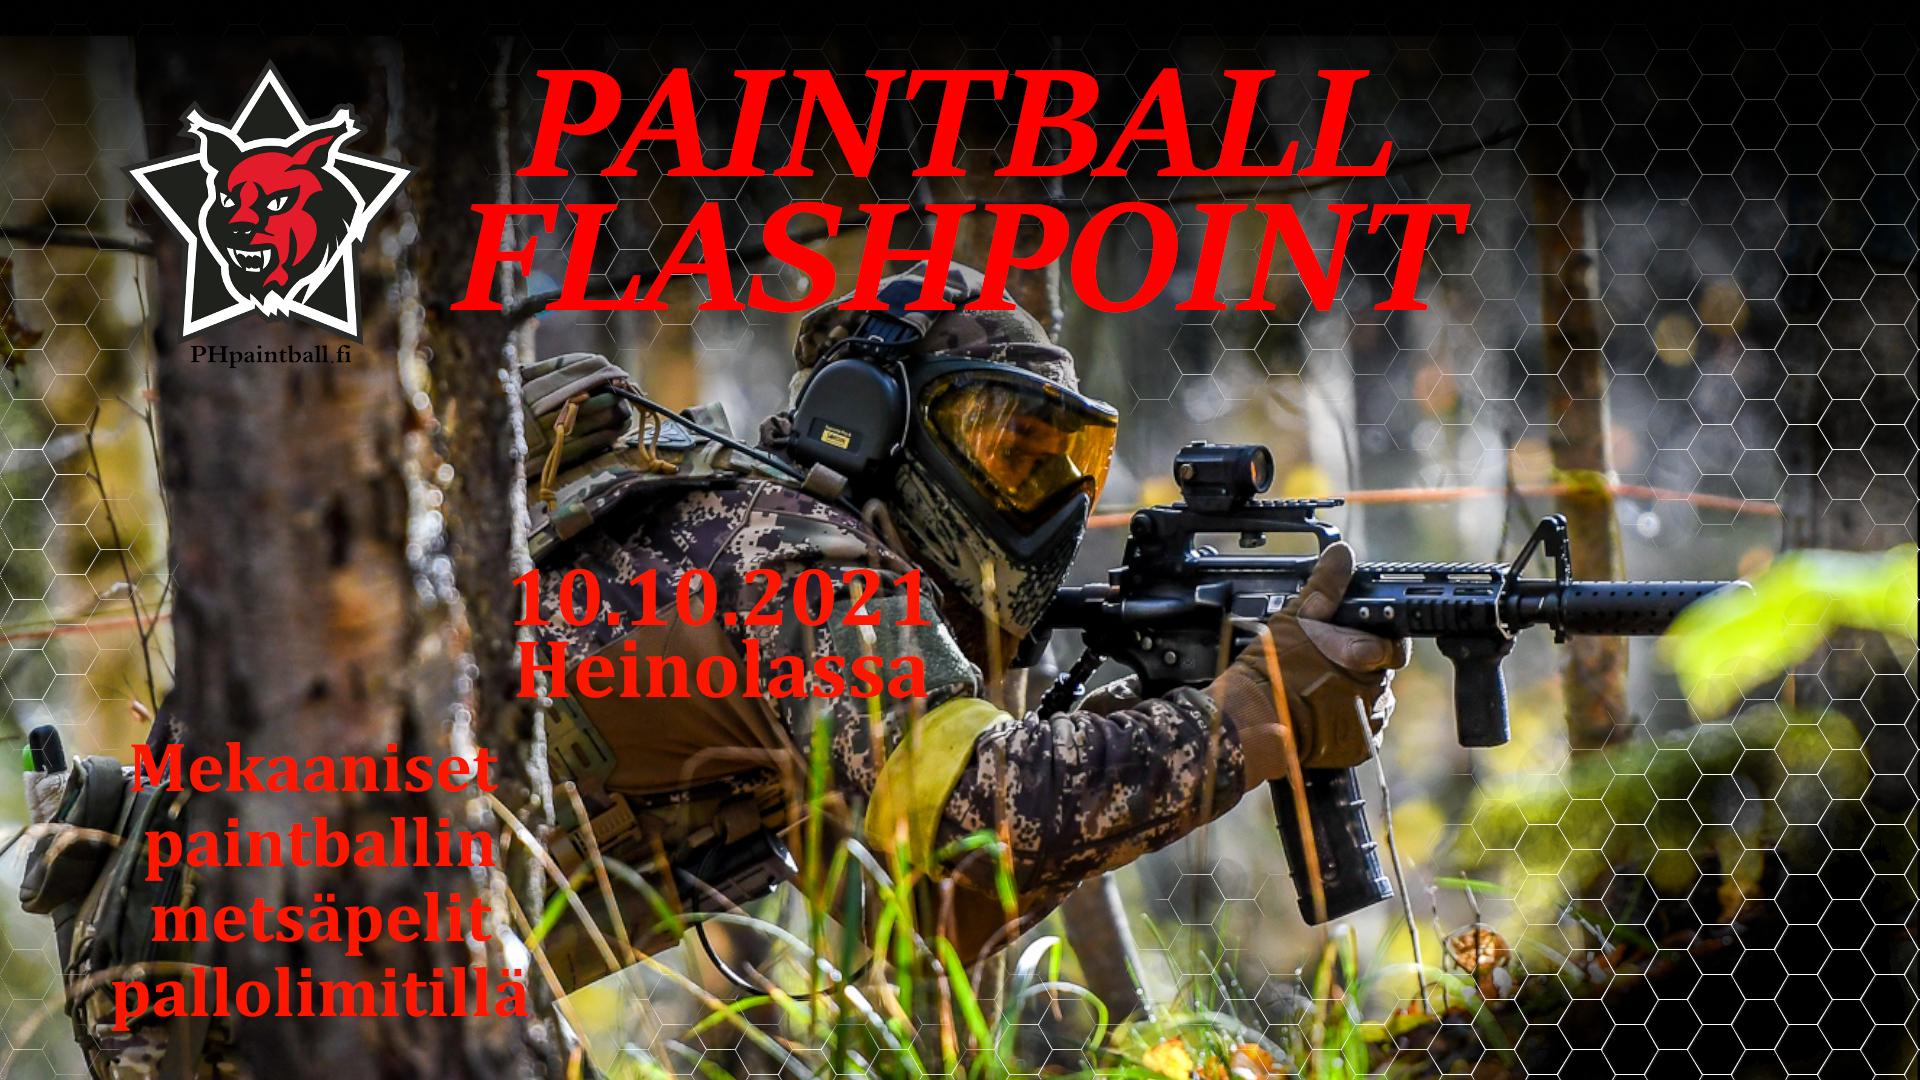 paintballflashpoint2021.jpg